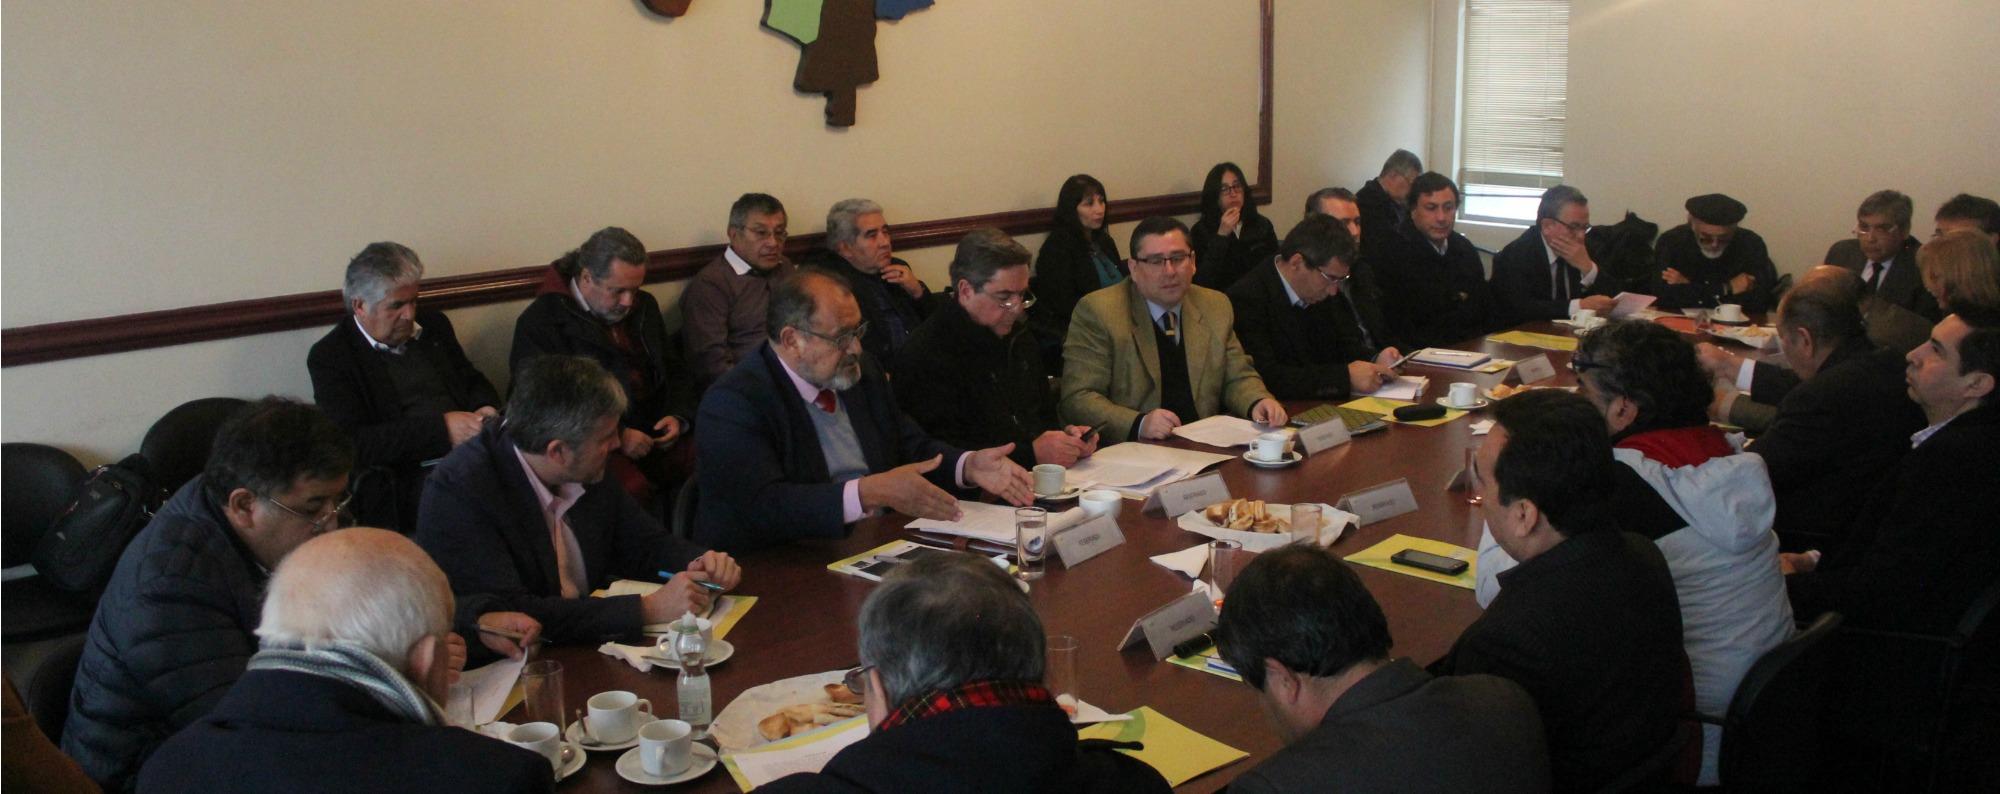 Con alta convocatoria se realiza encuentro de Asociaciones Municipales en Msur